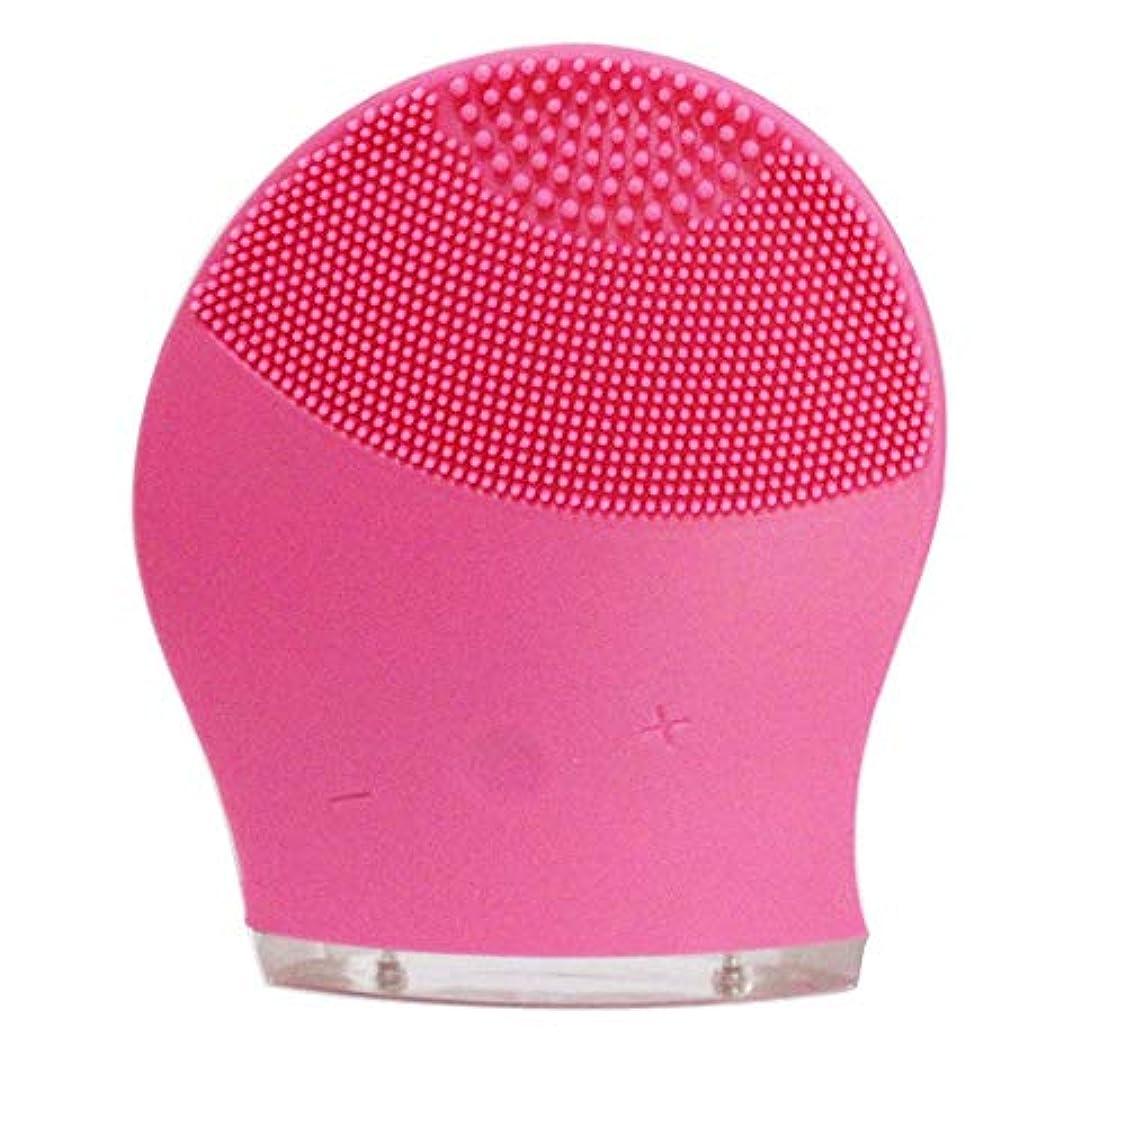 ファブリックとつばZXF 新電気洗浄器シリコーン洗浄器超音波振動洗浄ブラシUSB充電毛穴洗浄 滑らかである (色 : Red)